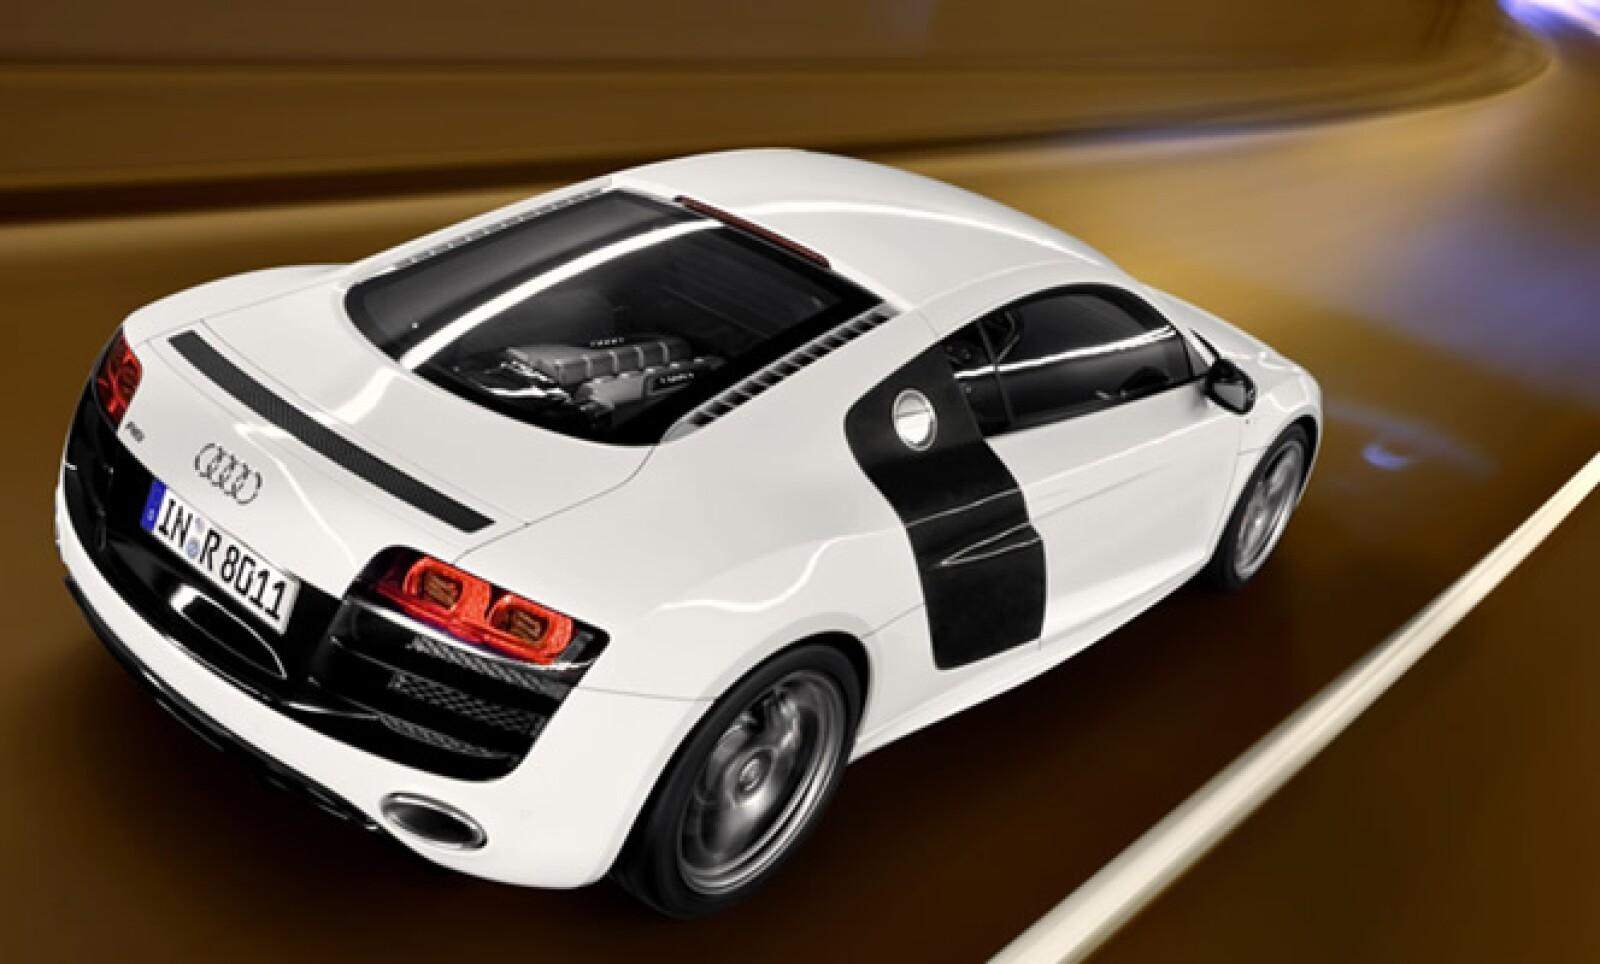 El Audi R8 V10 fue una estrella en las pistas de carreras desde su presentación en Detroit 2009.  Esto le valió su presentación como estrella en el videojuego Forza Motosport 3, de Xbox.